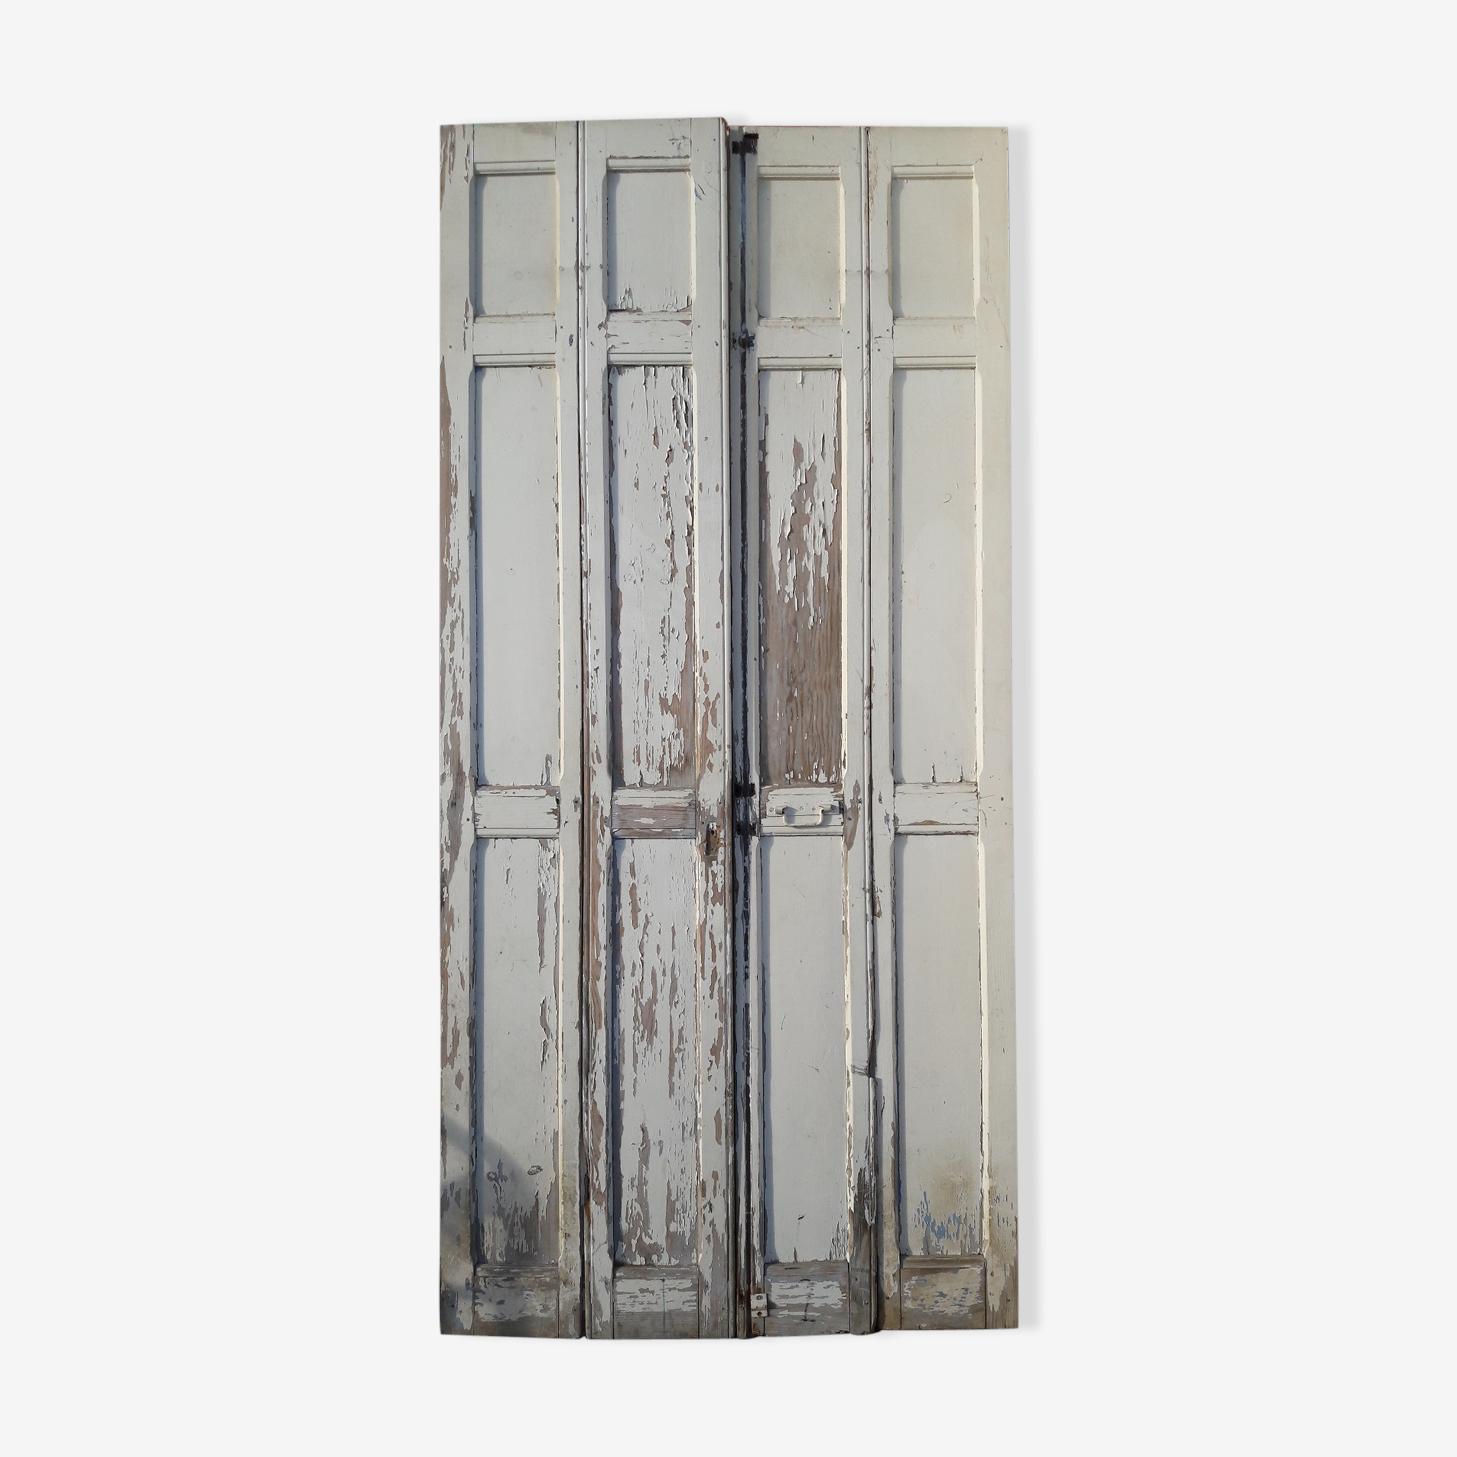 Ensemble de 4 volets boiseries bois peint ep 1940 H 229 cm